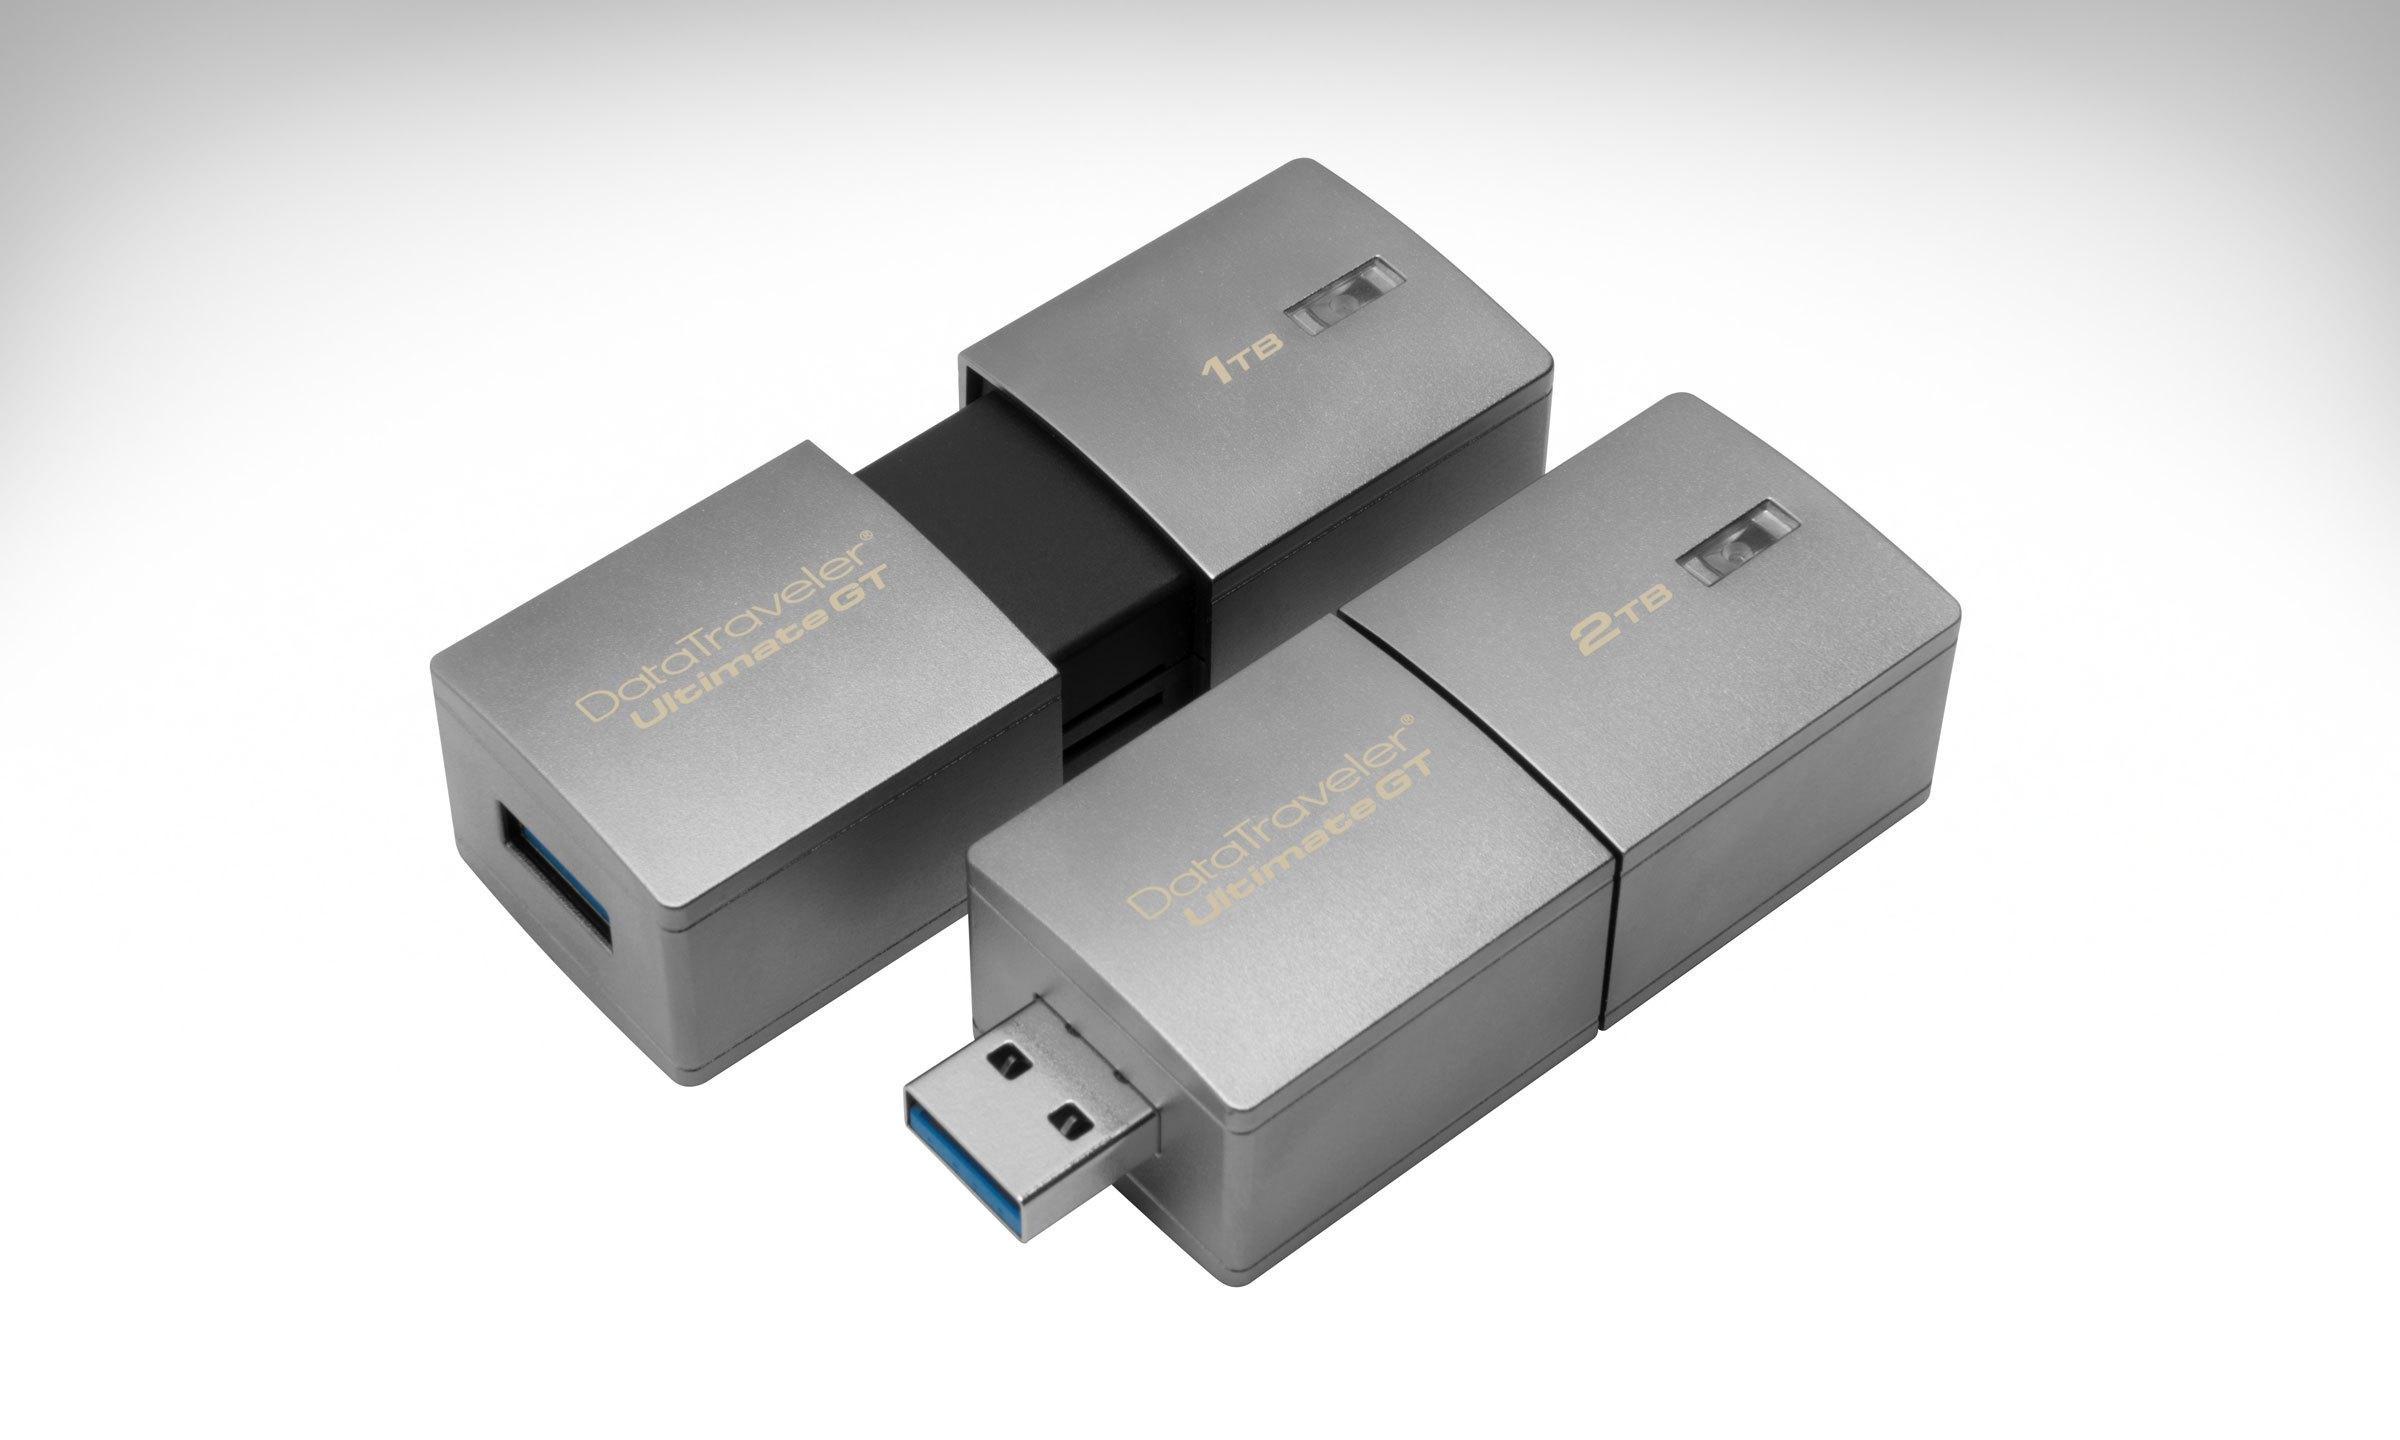 Kingston-DataTraveler-Ultimate-GT_1485914182747.jpg